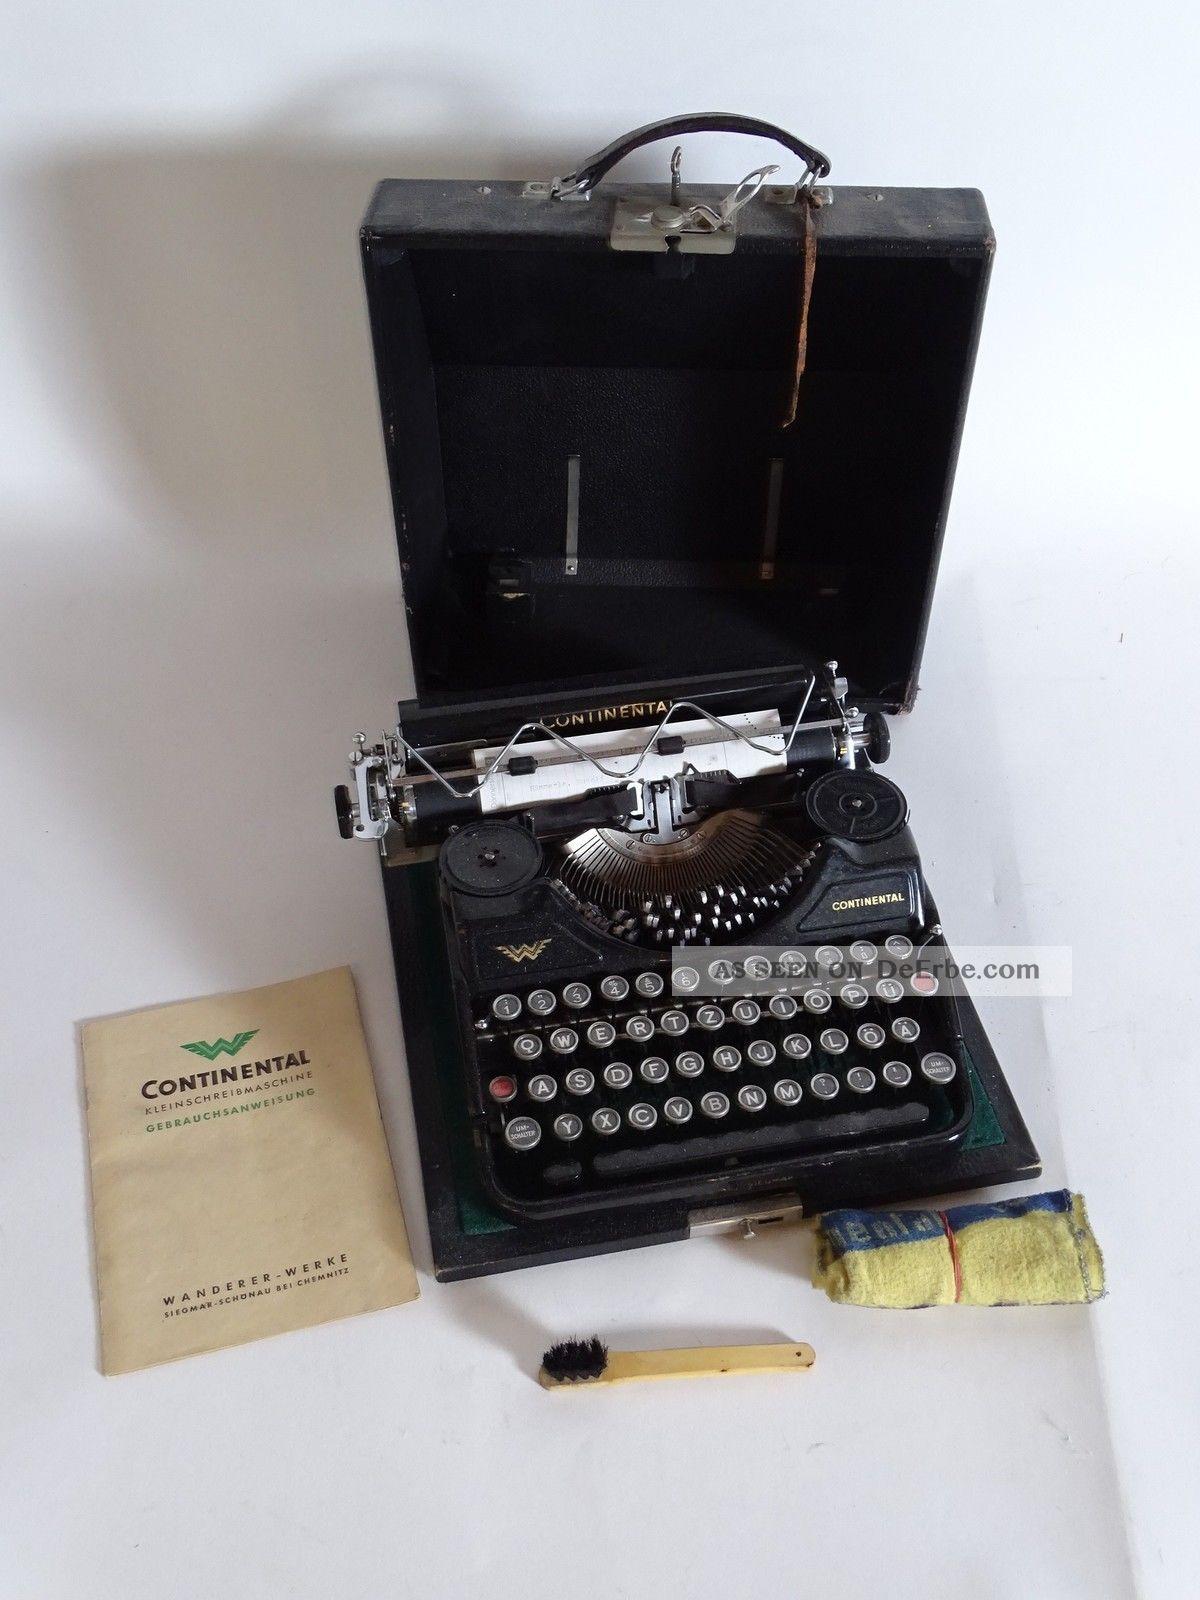 Antike Continental Klein Schreibmaschine Wanderer Werke Chemnitz Antike Bürotechnik Bild